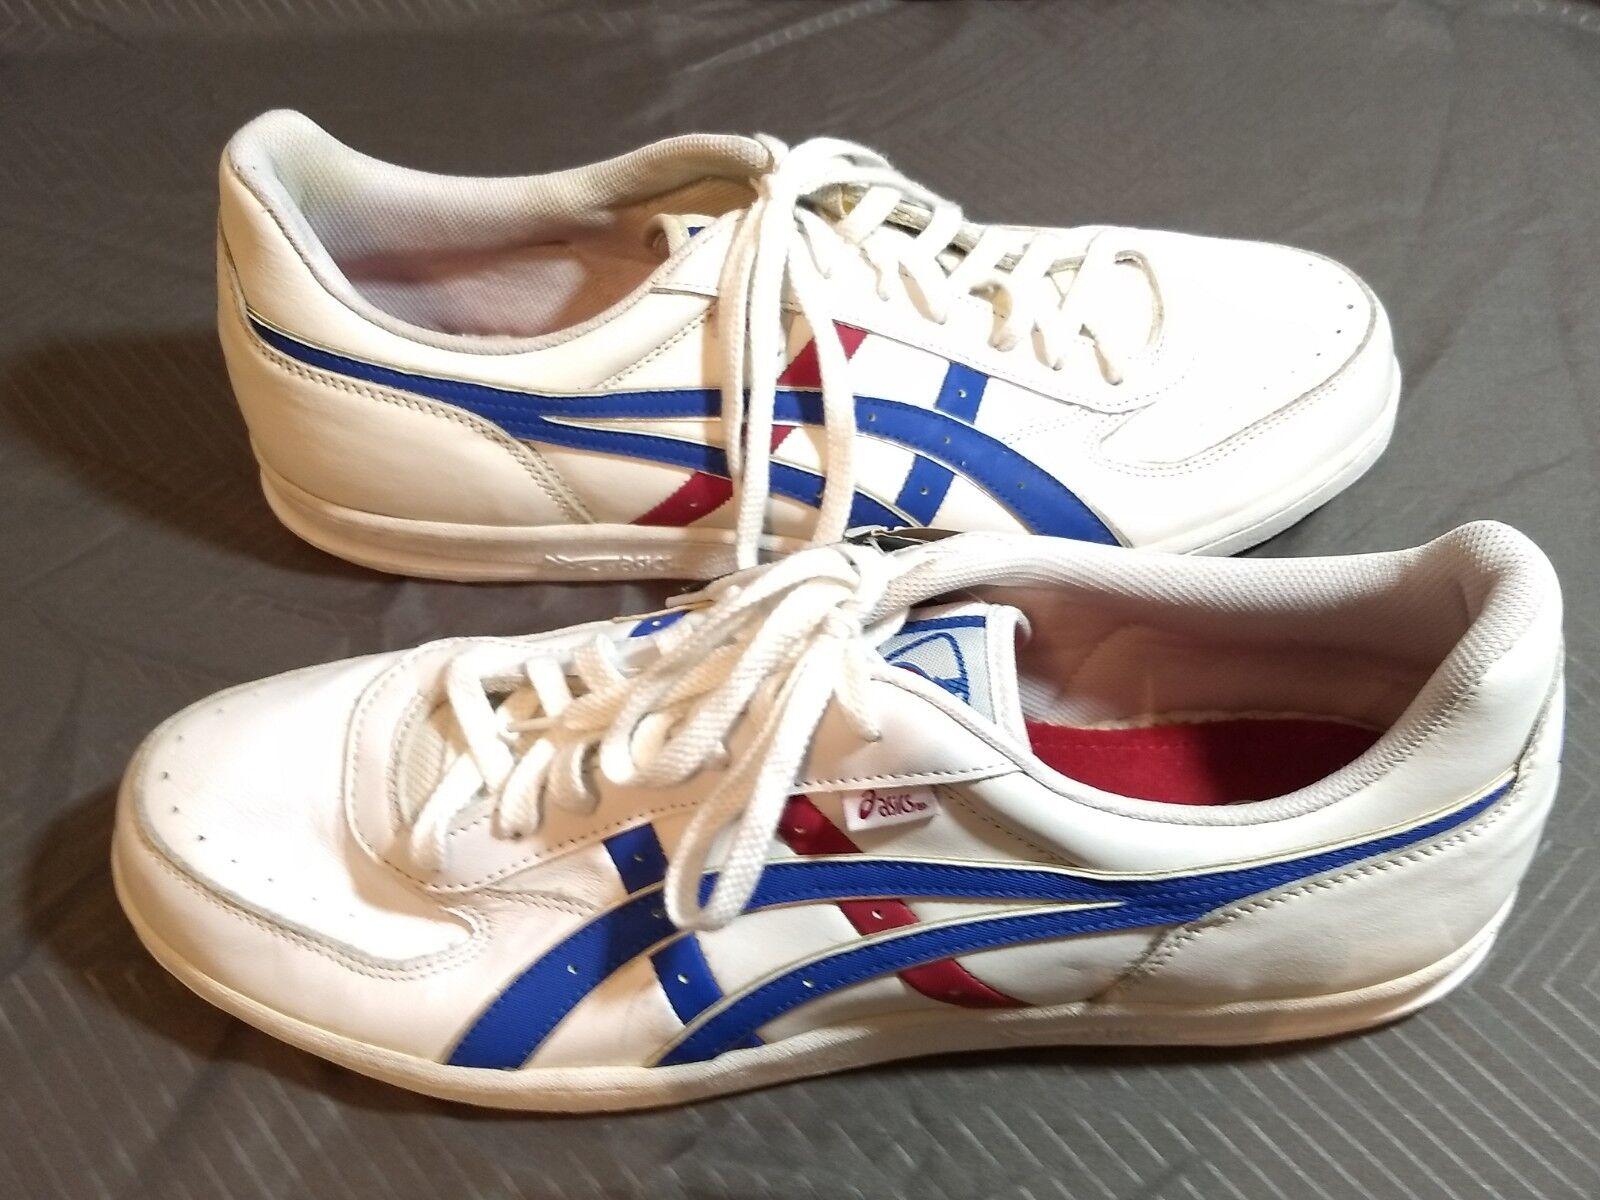 dd8f2b0b Asics Japón Cuero Zapatos EL310 Top bajo ntkelu3075-Zapatillas deportivas